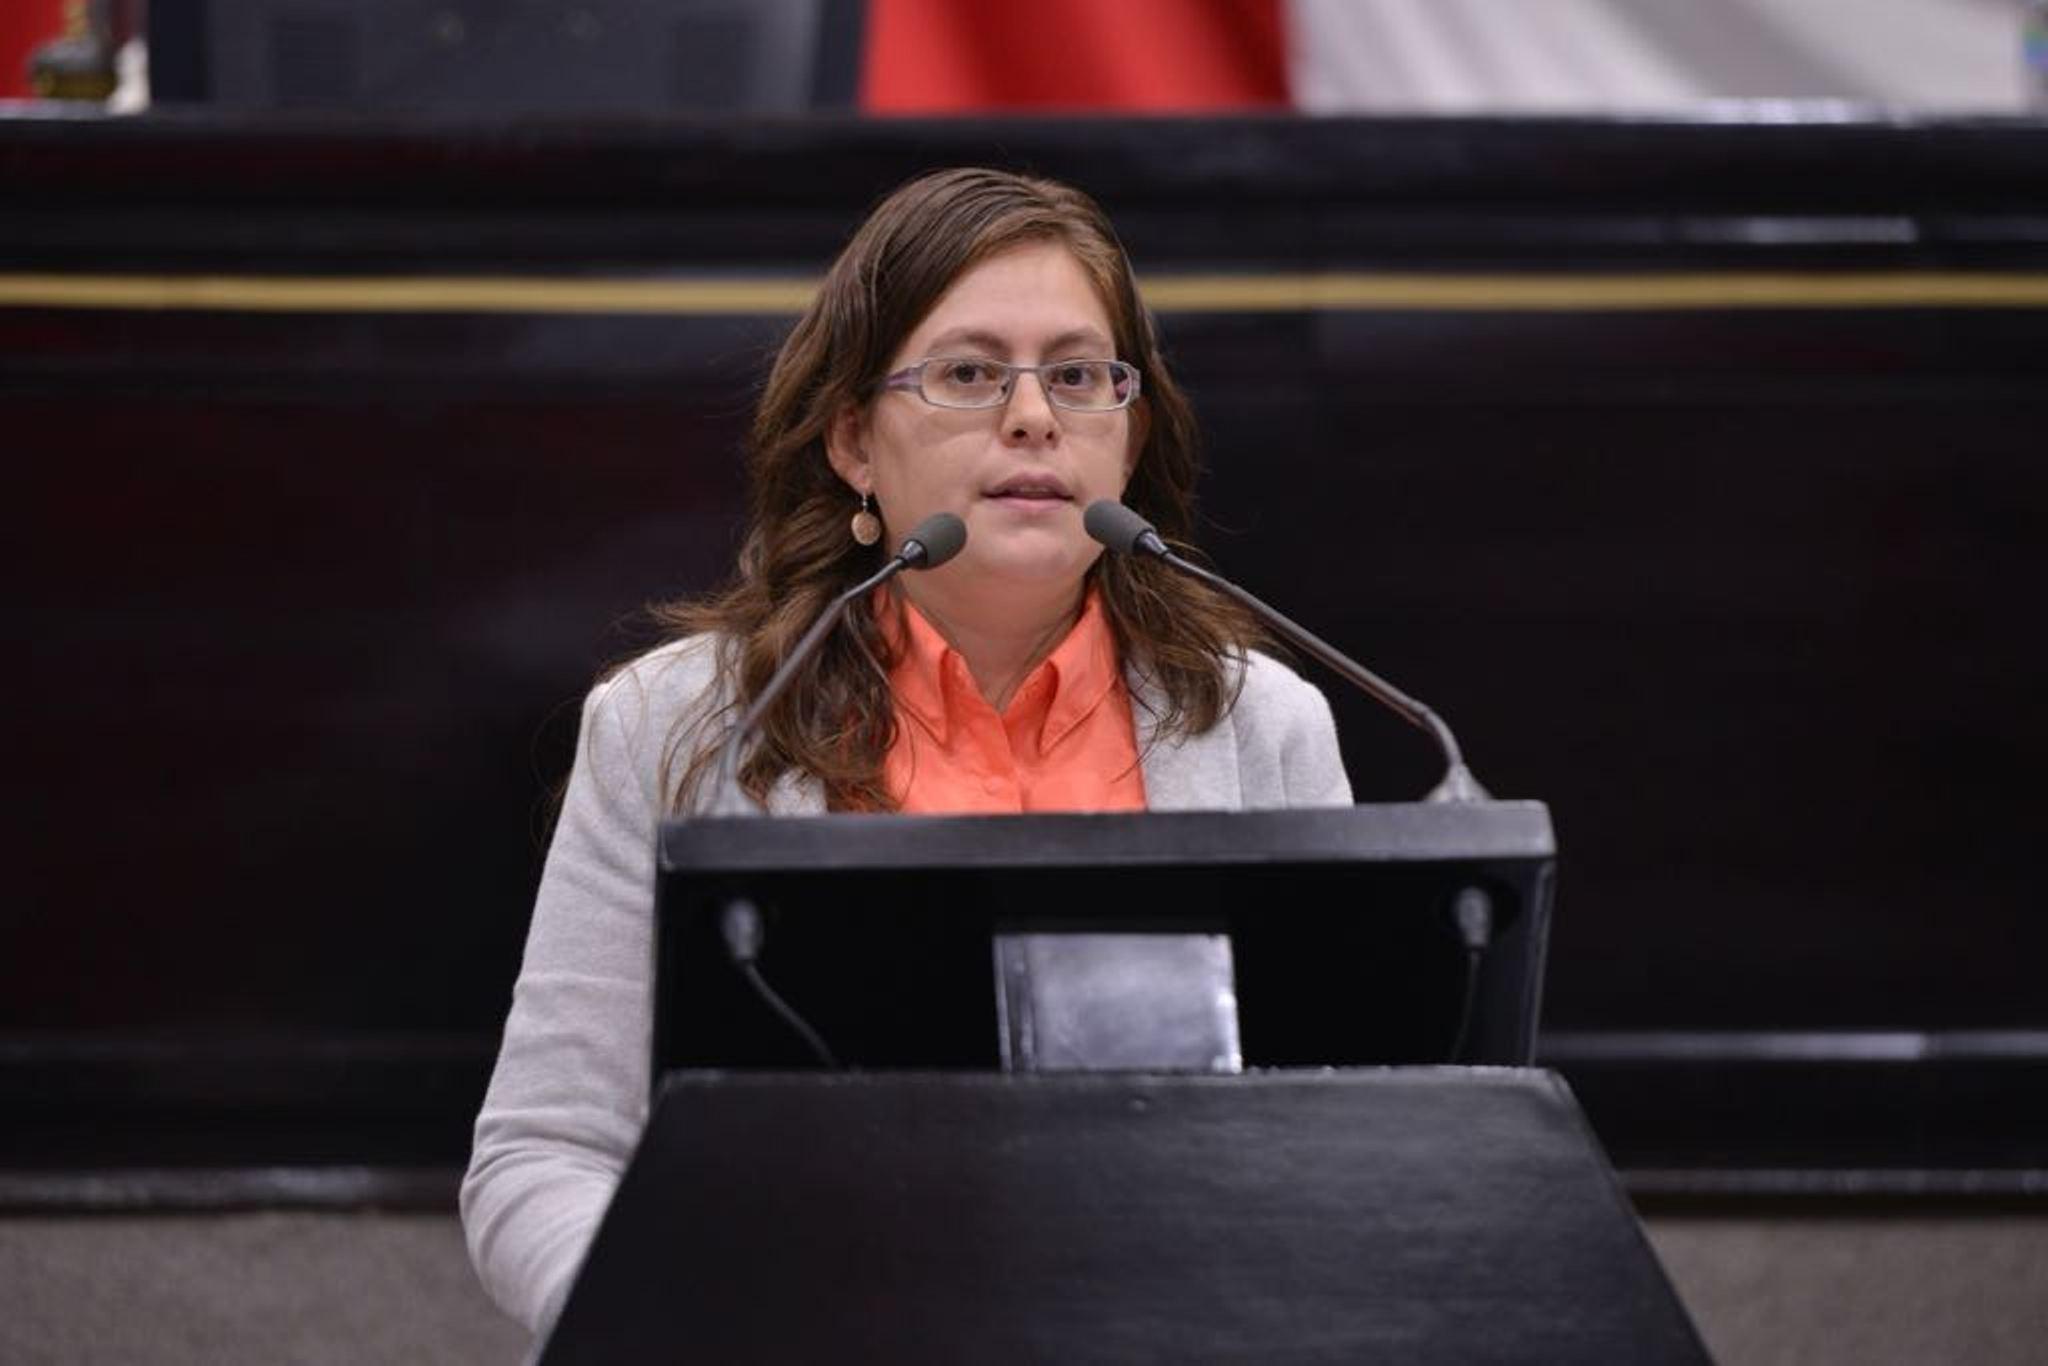 Busca Tanya Carola fortalecer comisiones municipales en materia de medio ambiente